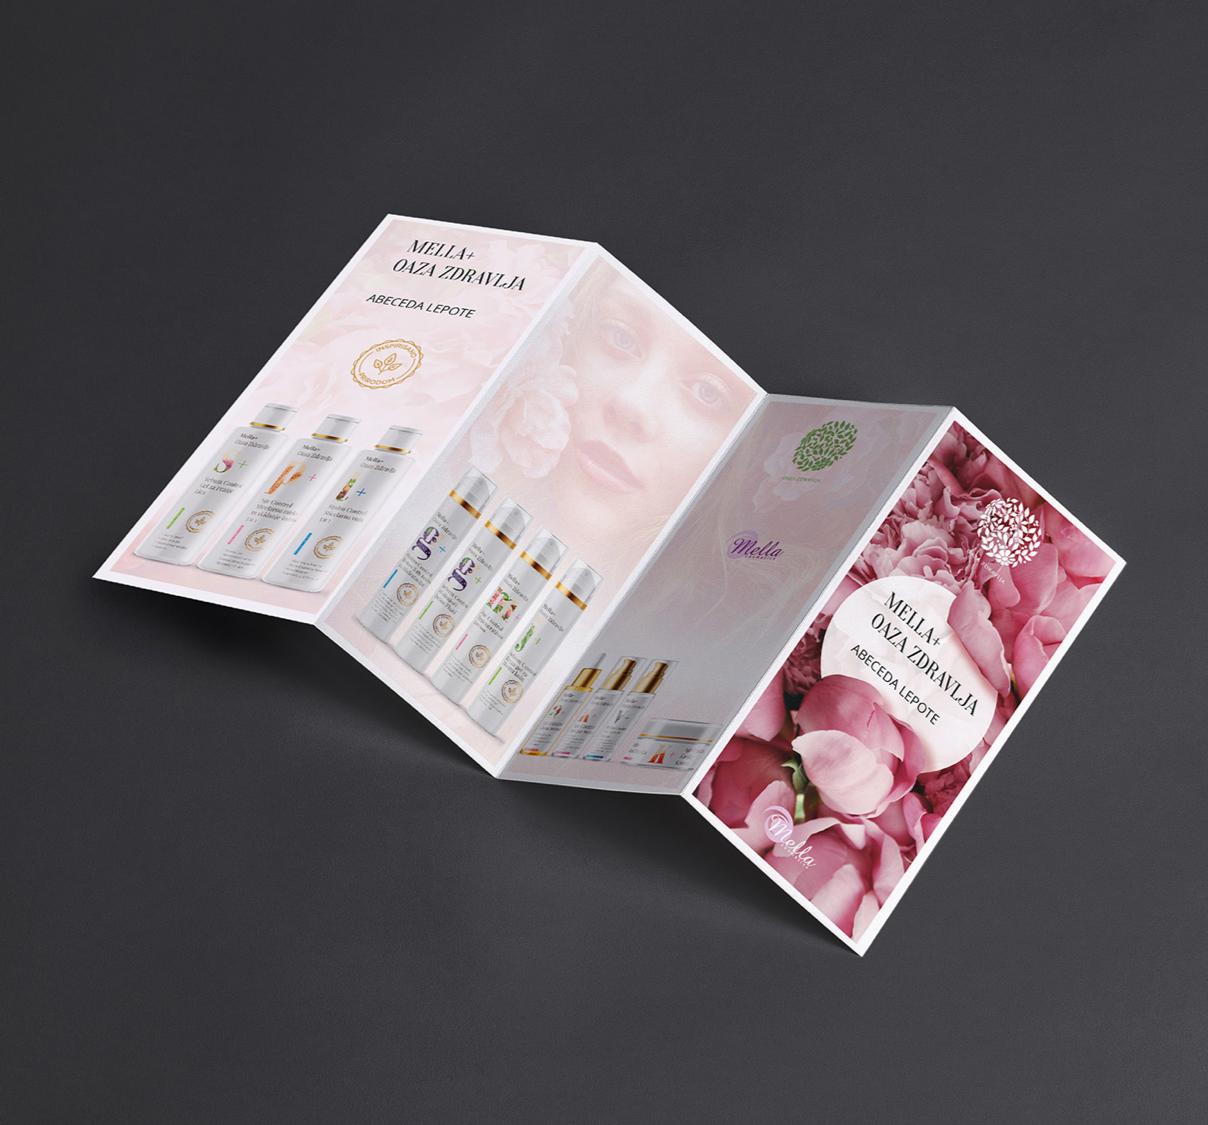 Mella Cosmetics Brochure